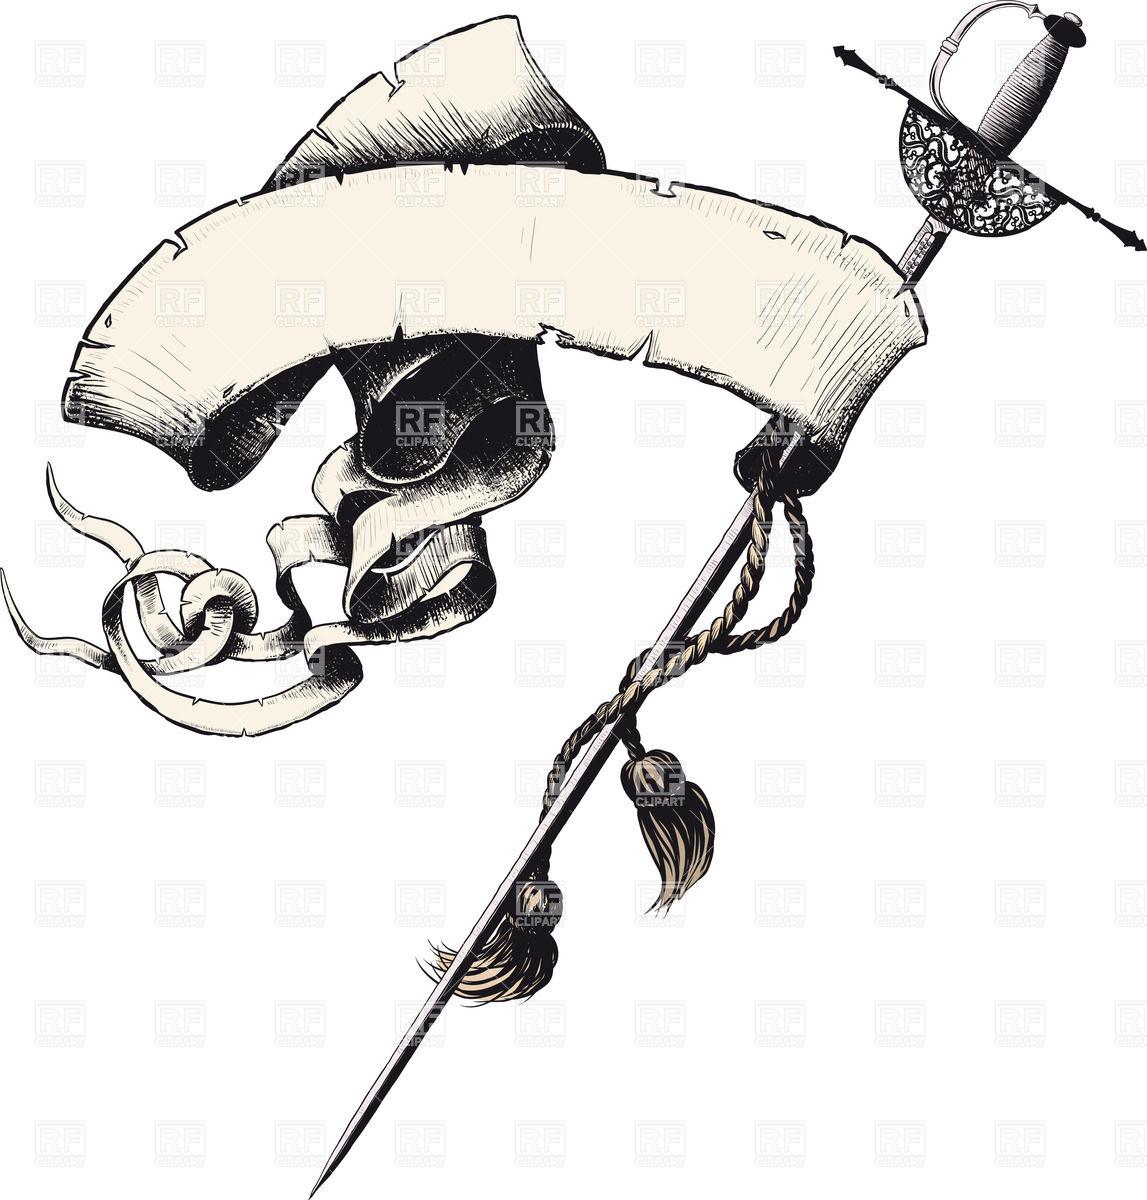 1147x1200 Elegant Serpentine Banner Entwined Around A Sword Blade (Rapier